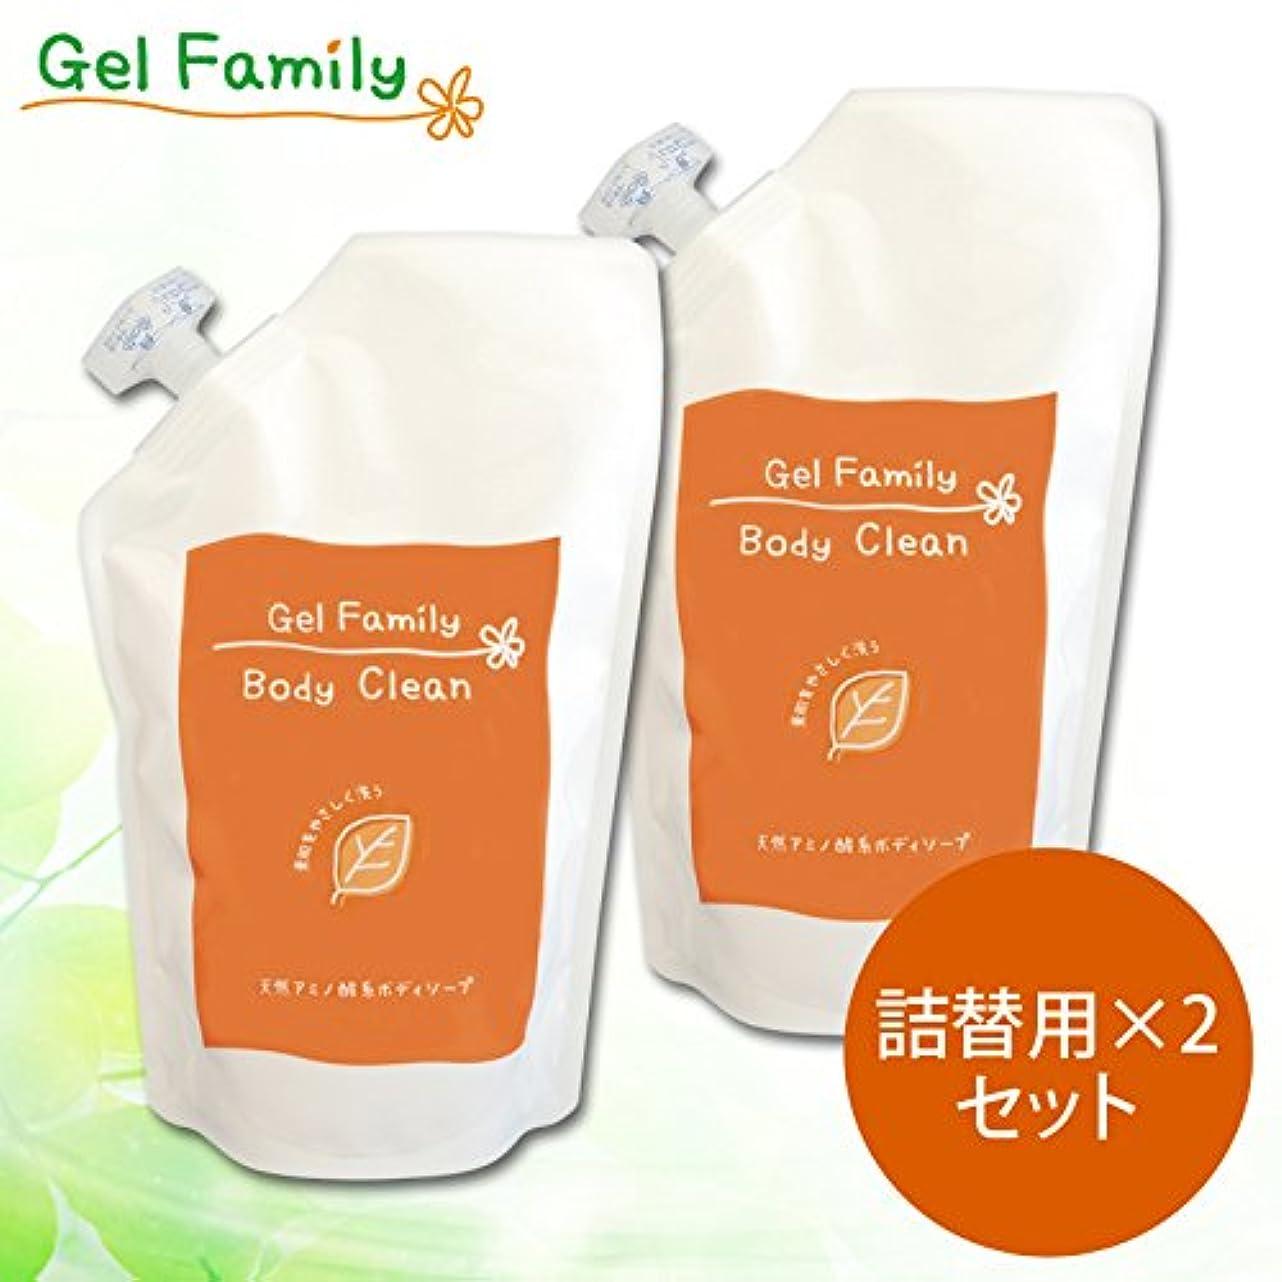 キッチンテザーカニゲルファミリーボディクリーン詰め替え2パックセット【GelFamily】